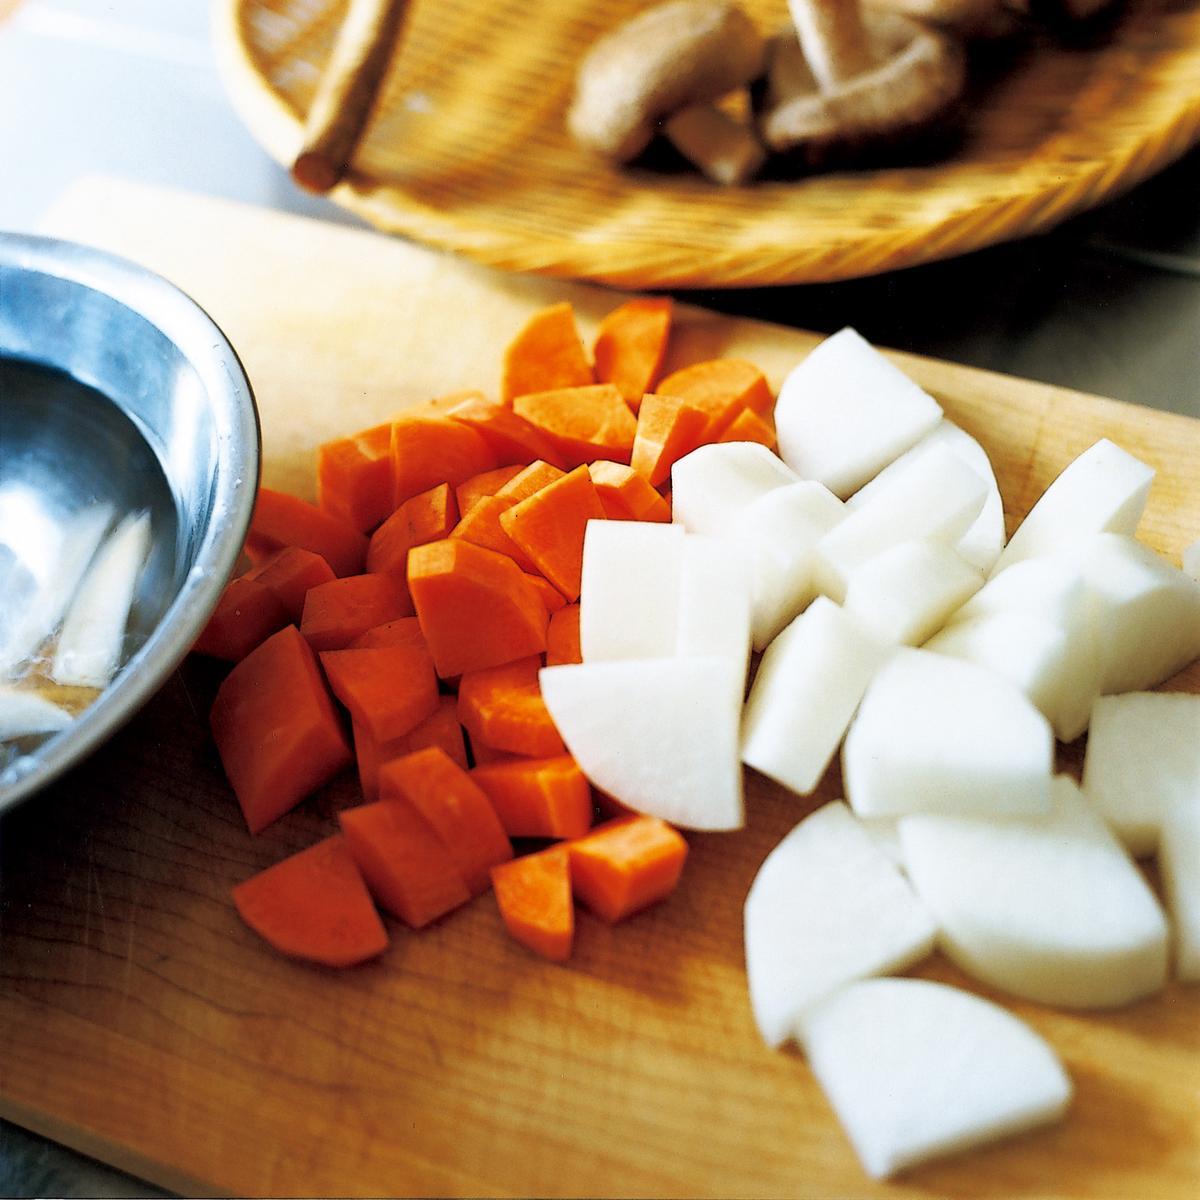 白蘿蔔、紅蘿蔔切成扇狀。